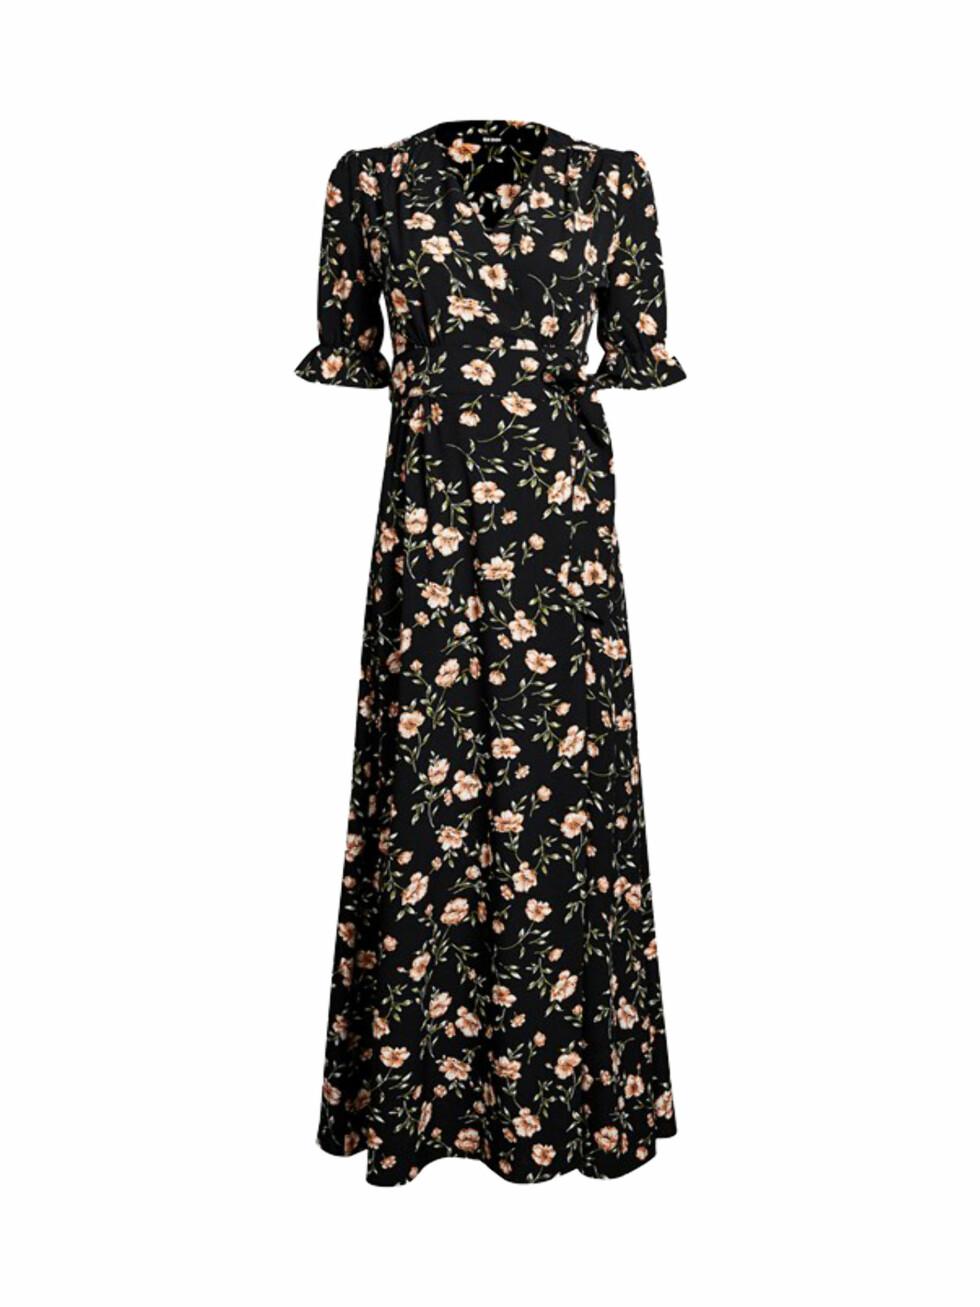 Kjole fra Bik Bok |400,-| https://bikbok.com/no/p/kjoler/cate-kjole/7217924_F001